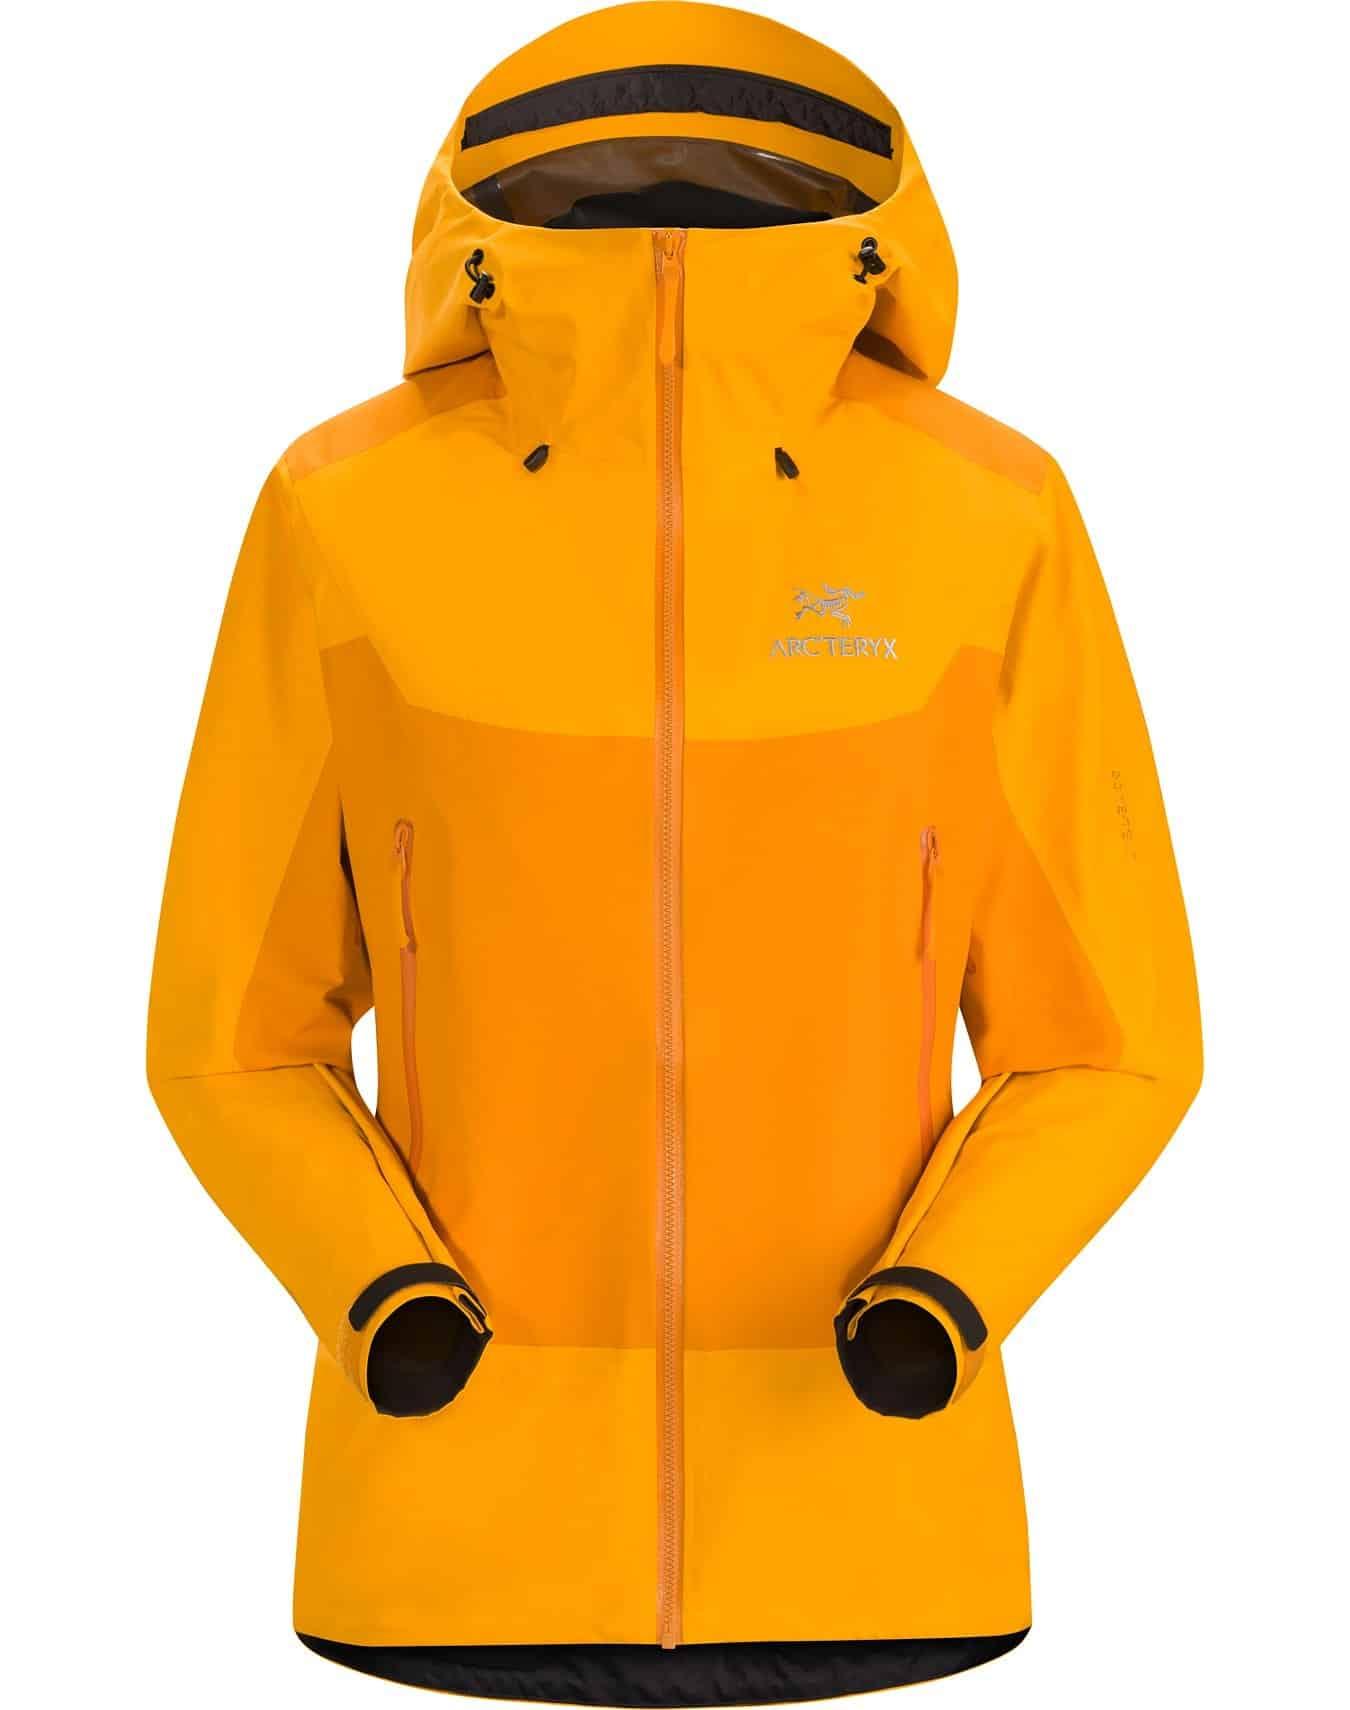 Packable Rain Jacket - Arcteryx Women's Beta SL Gore-Tex Jacket